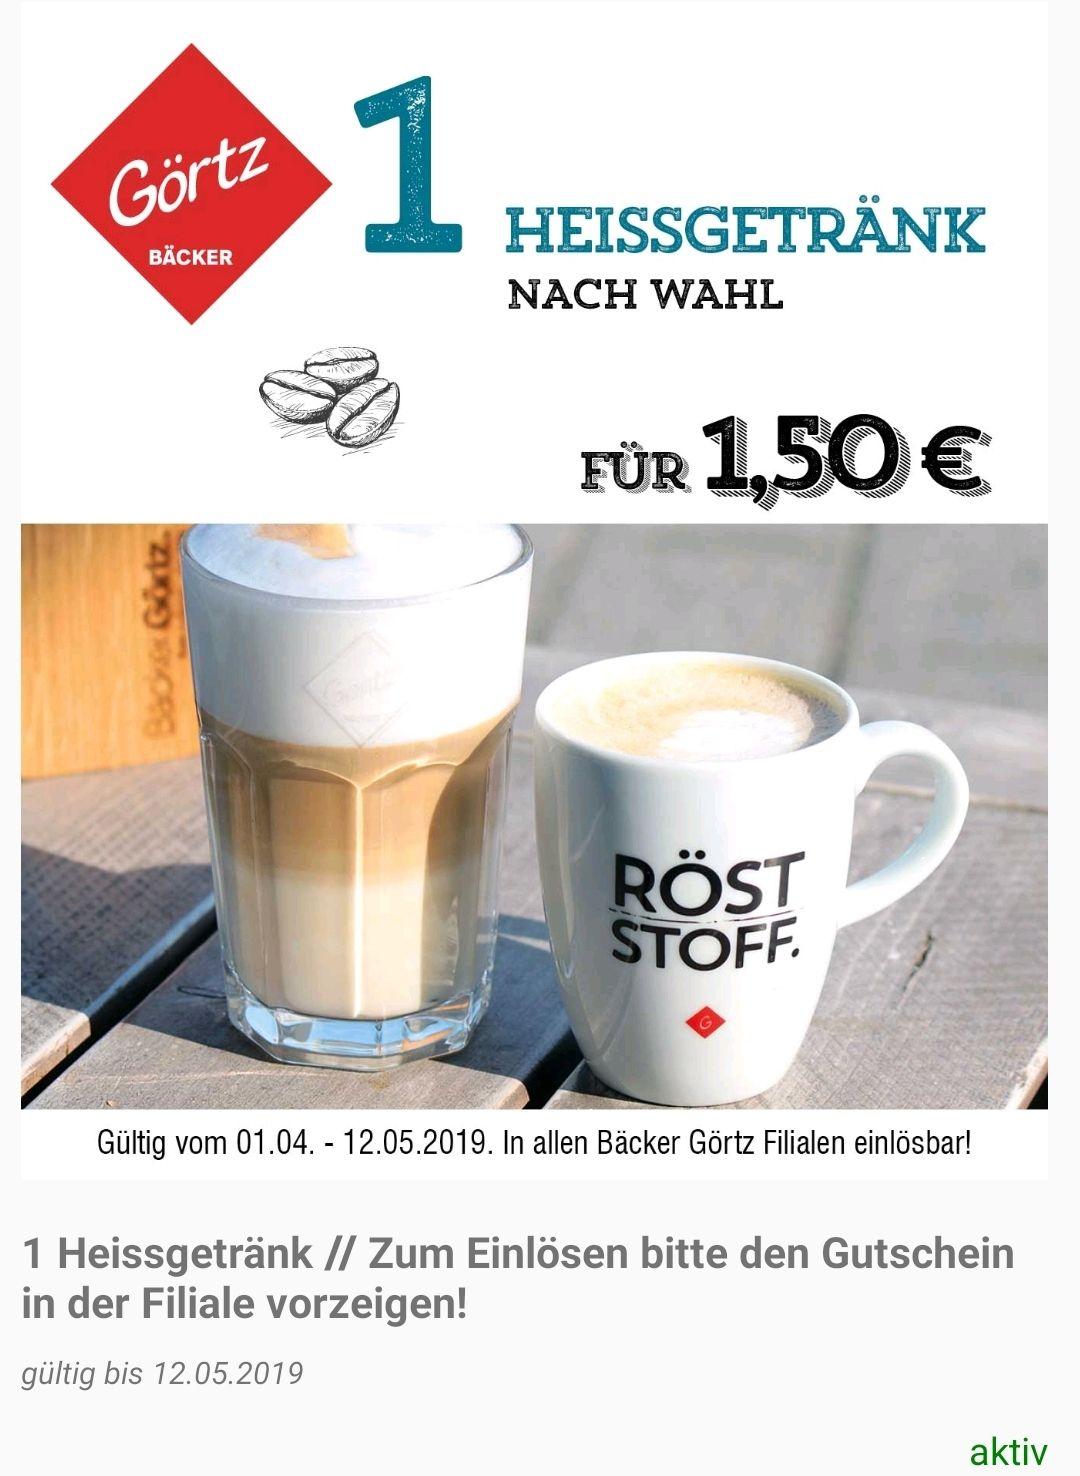 Bäckerei Görtz AppGutscheine: Kaffe/Tee nach Wahl 1,50€/2×Brot 4€/3×Kaffeestücke 3€/5xBrezel 2€/3×Muffin 3€/3×Kuchenstück 4,50€ (lokal)